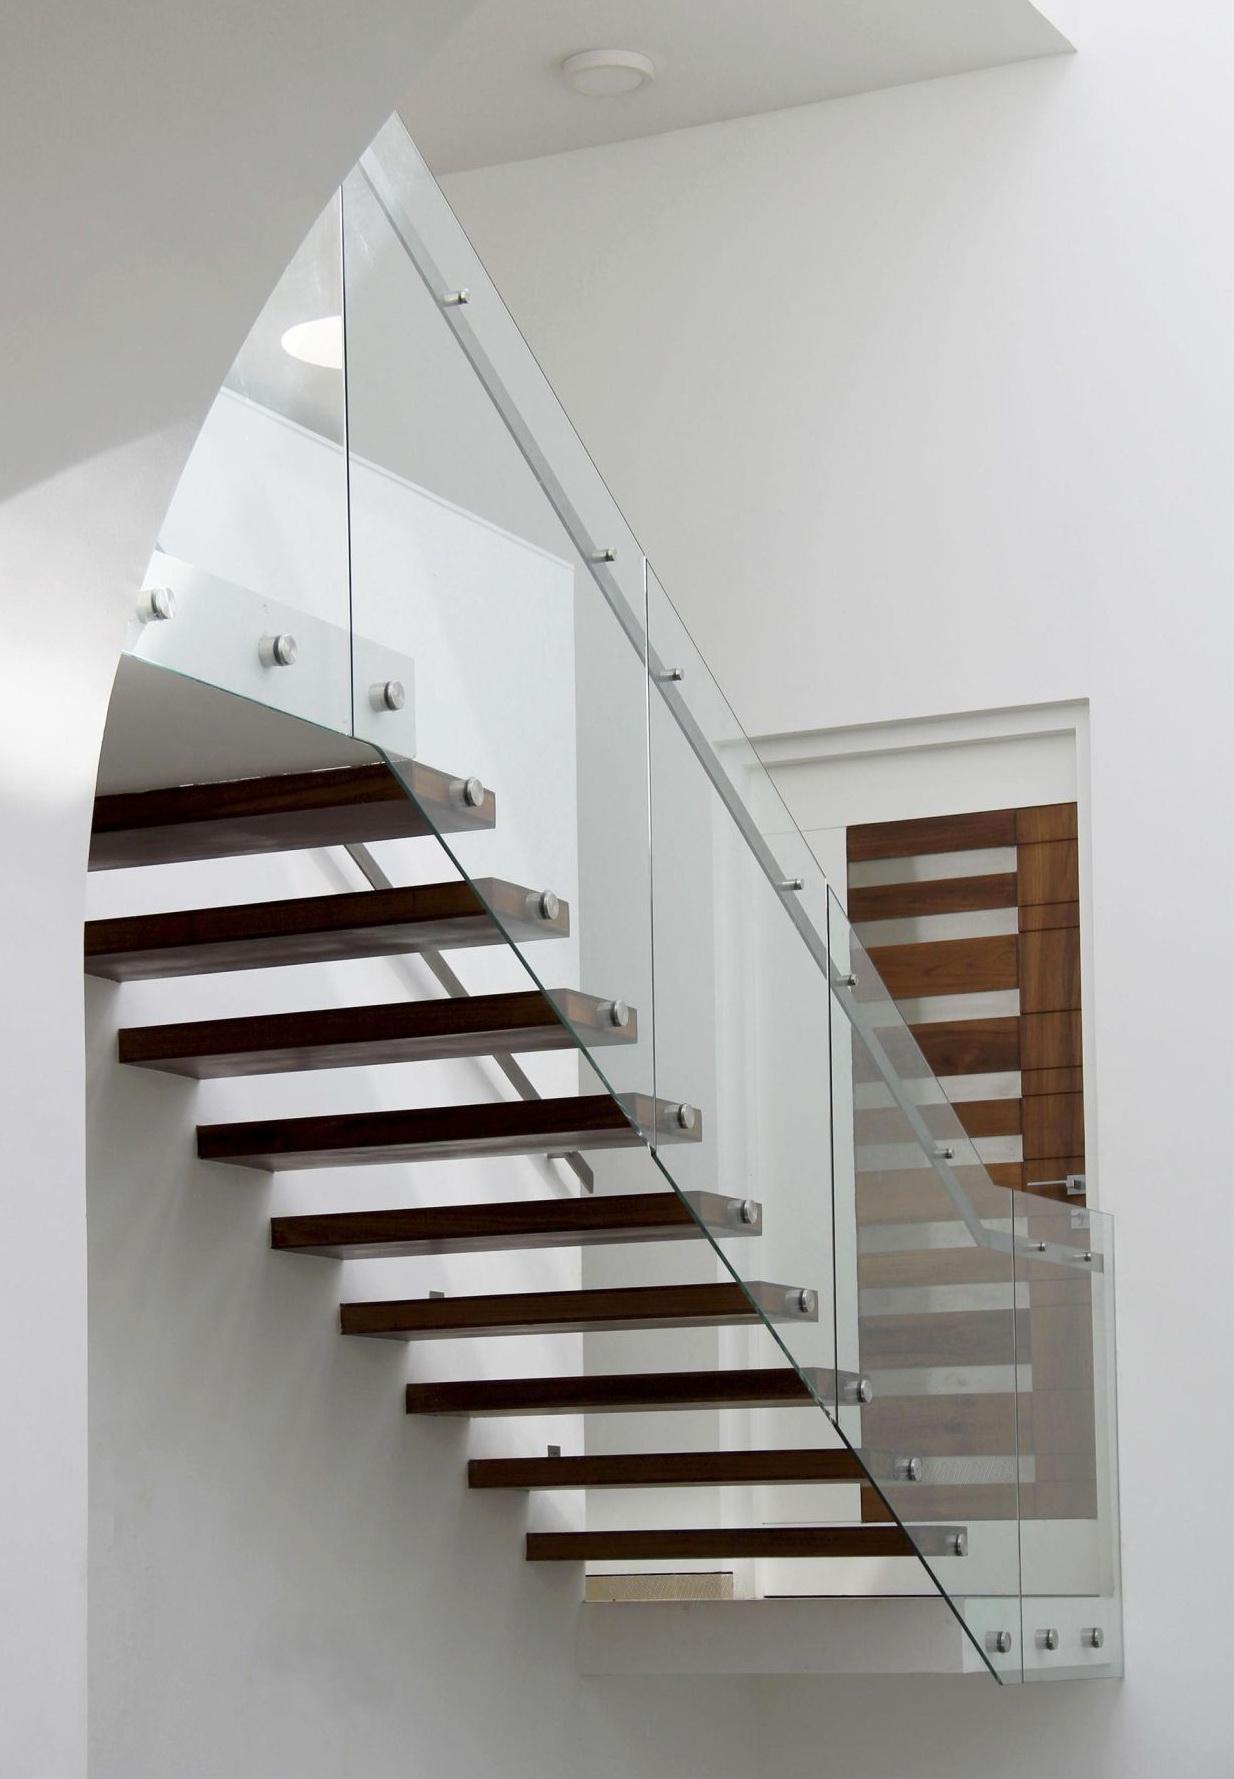 """Стеклянное ограждение лестницы на точечных креплениях - <span style=""""color: #ffff00;""""> Увеличить!</span>"""